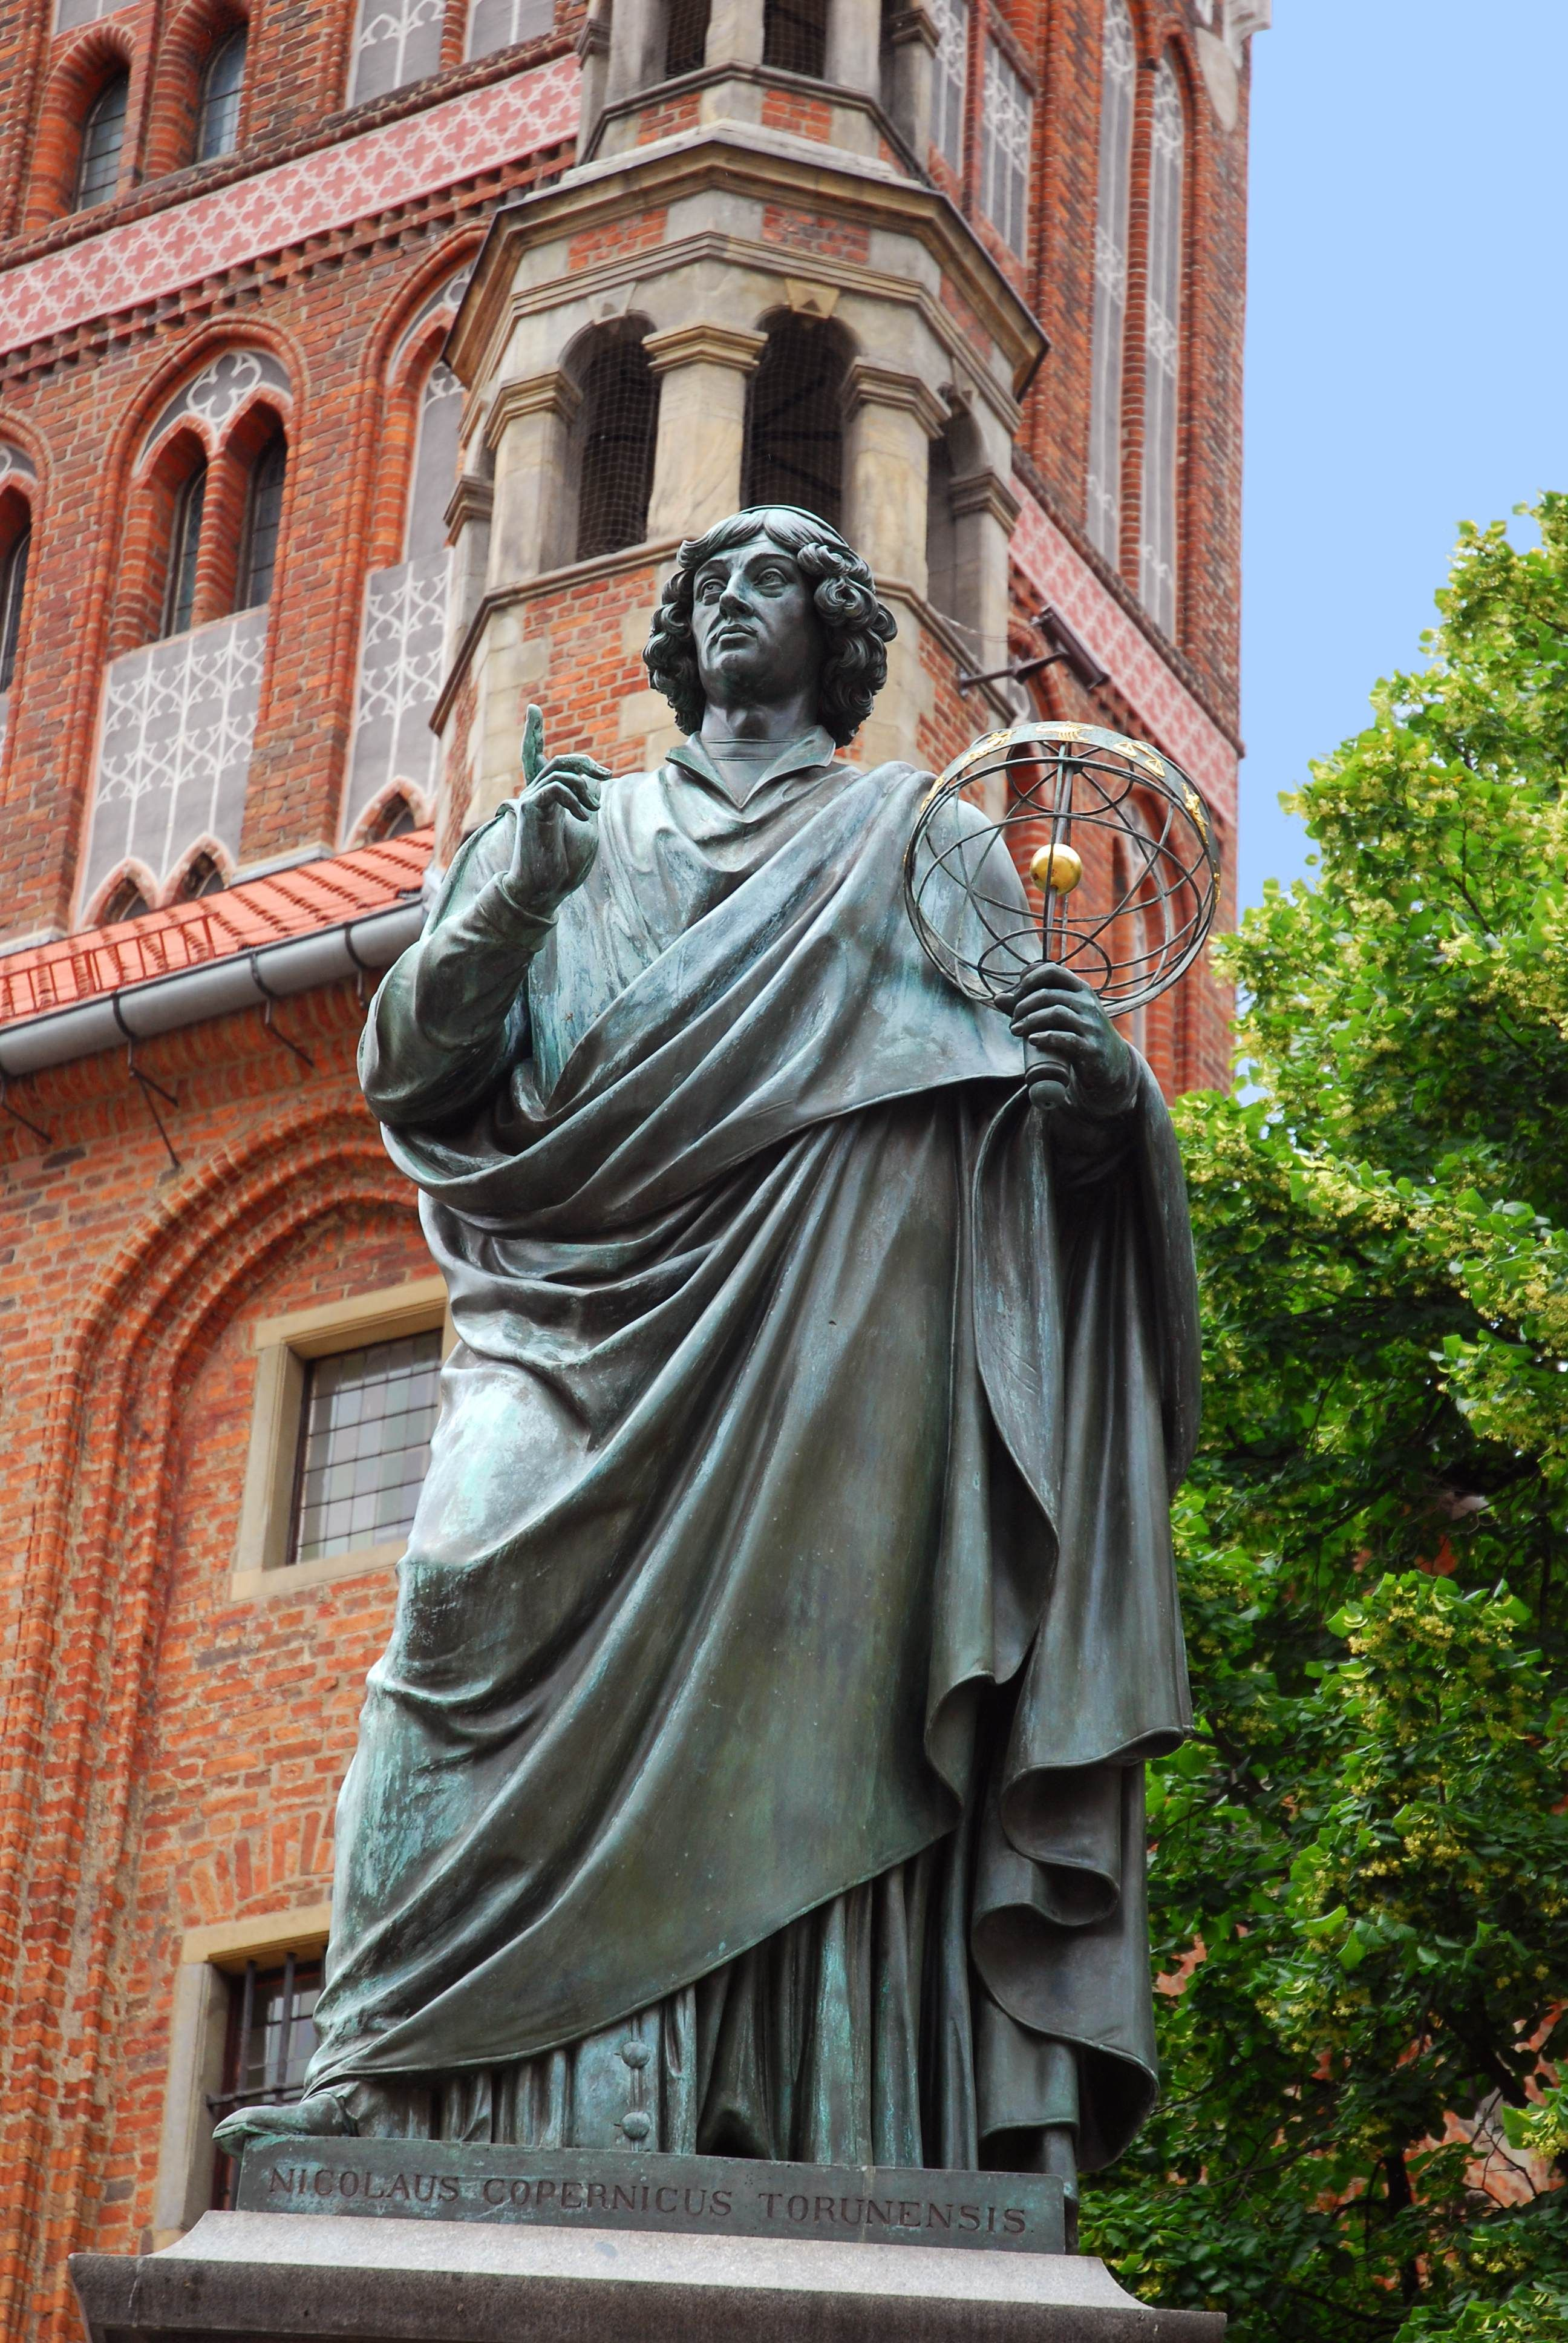 Nicolaus Copernicus in Torun | Kaliningrad oblast